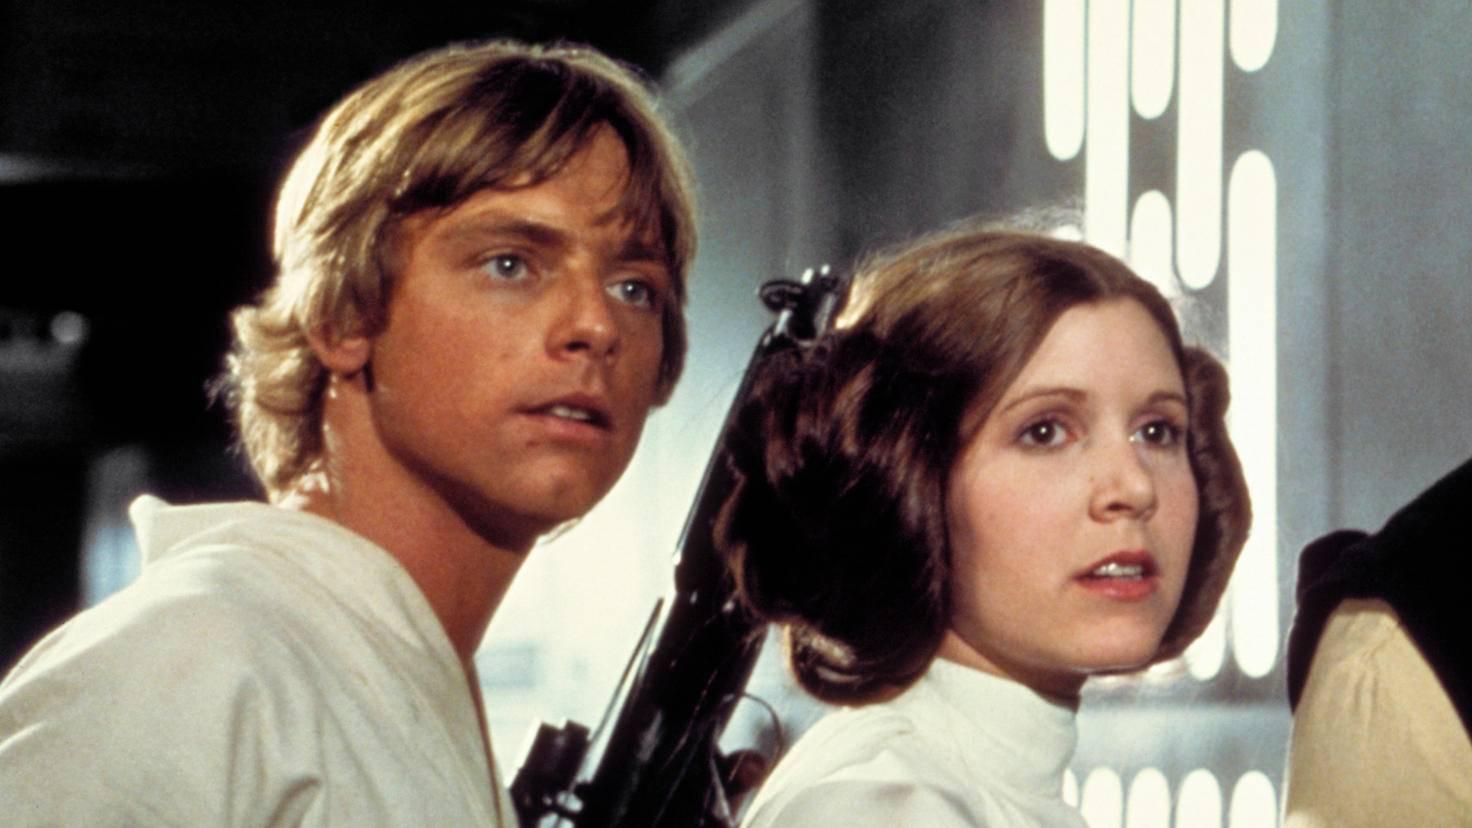 Nicht nur Luke und Leia gehören zur Skywalker-Familie, auch Anakin und Kylo Ren.